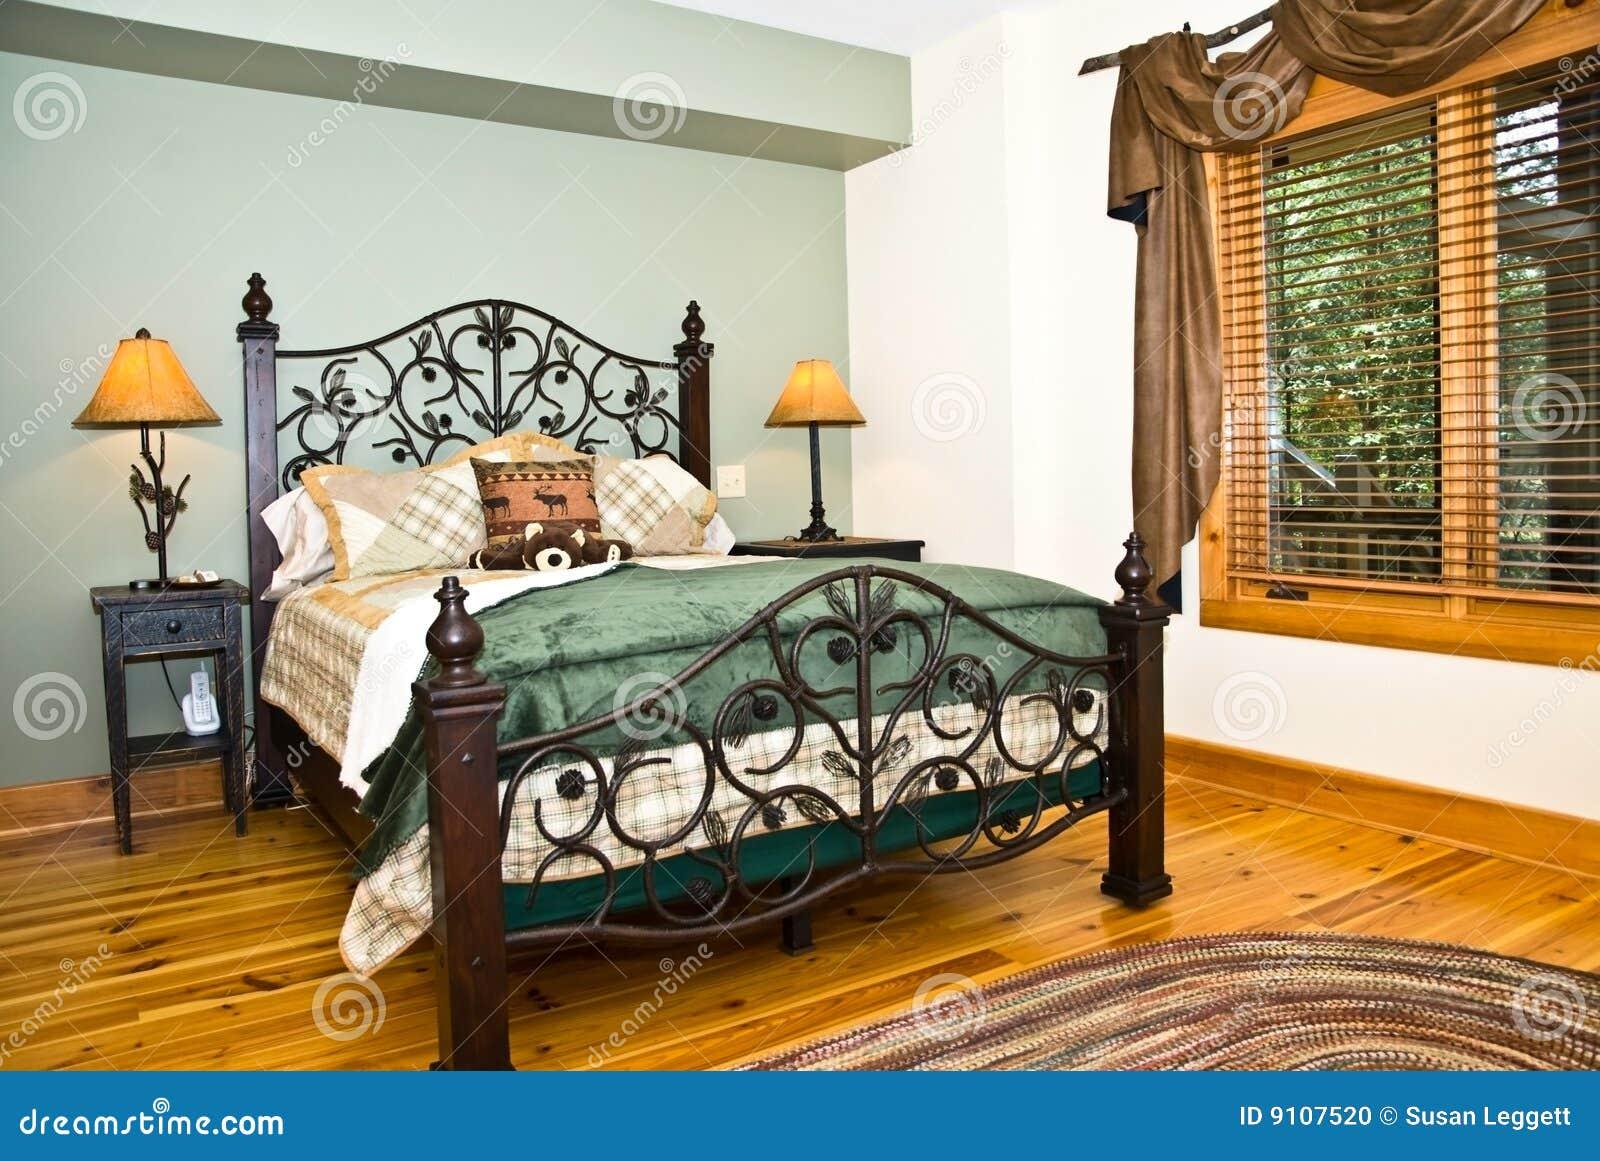 Camera Da Letto Moderna/decorazione Rustica Fotografia Stock - Immagine: 9107520